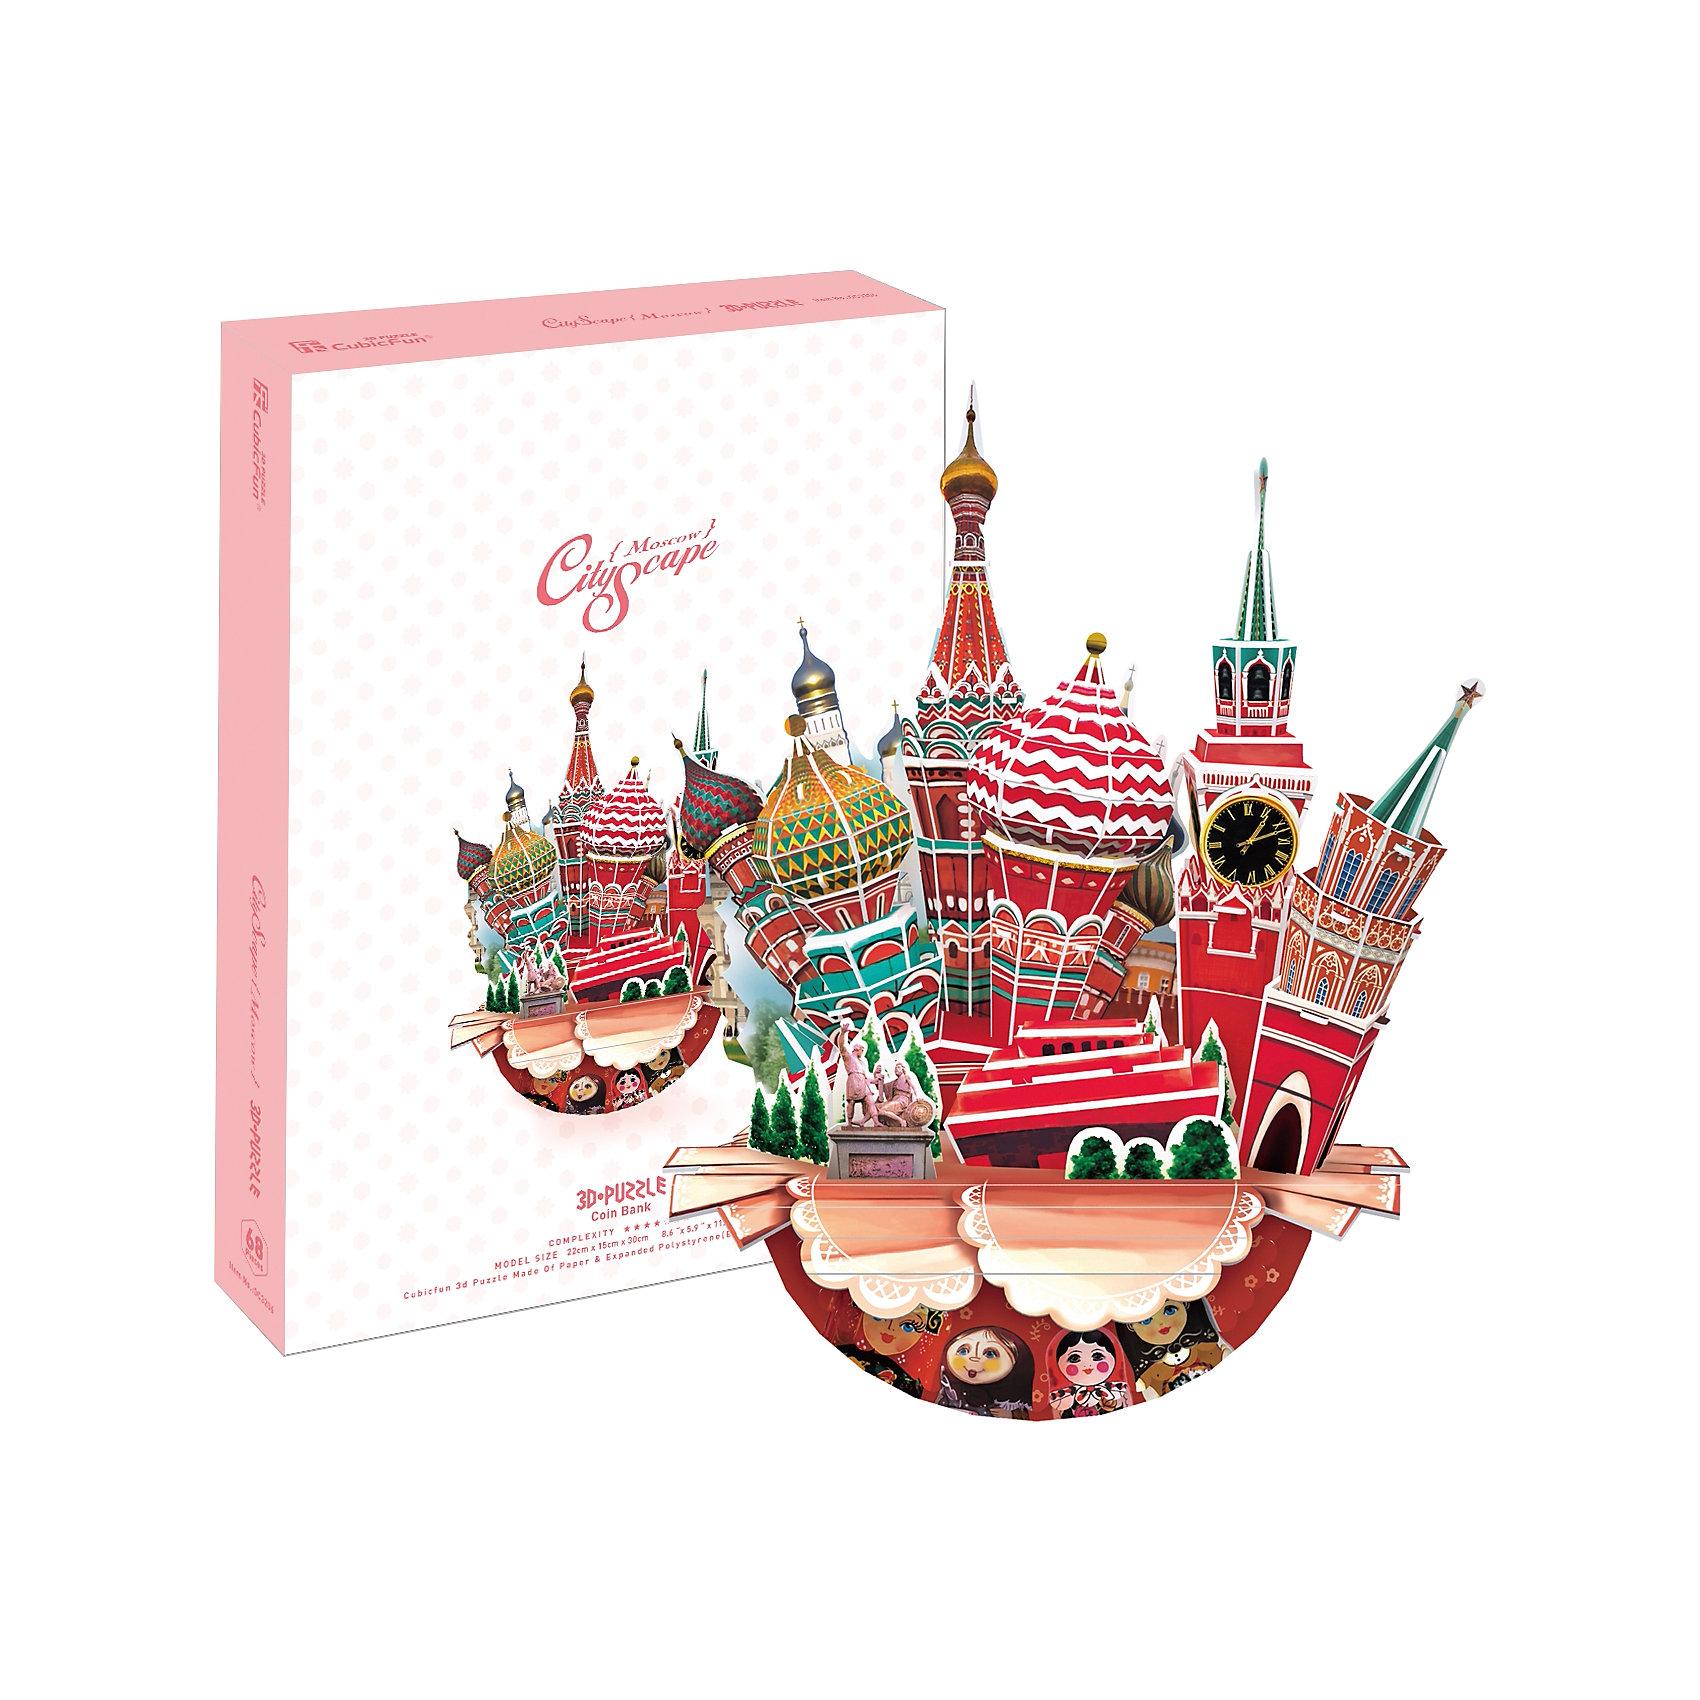 Пазл 3D Городской пейзаж - Москва, CubicFun3D пазлы<br>Пазл 3D Городской пейзаж - Москва, CubicFun - увлекательный набор для творчества, который будет интересен не только детям но даже их родителям. С помощью входящих в набор картонных деталей Вы сможете собрать оригинальный трехмерный пазл в виде городского пейзажа с основными достопримечательностями Москвы. Объемная композиция включает в себя все самые узнаваемые символы Москвы - Собор Василия Блаженного, Красную площадь, памятник Минину и Пожарскому, Спасскую башню. Основание-горшок украшено разноцветными матрешками и кружевом. Пазл обирается без использования клея и ножниц, составные элементы отлично соединяются между собой с помощью специальных соединительных приспособлений. Готовая композиция станет отличным украшением интерьера. Собирание пазла способствует развитию логического мышления, внимания, мелкой моторики и координации движений.<br><br>Дополнительная информация:<br><br>- Материал: картон. <br>- Размер в собранном виде: 15 х 30 х 22 см.<br>- Размер упаковки: 30 х 22 х 4 см.<br>- Вес: 0,3 кг.<br><br>Пазл 3D Городской пейзаж - Москва, CubicFun, можно купить в нашем интернет-магазине.<br><br>Ширина мм: 225<br>Глубина мм: 305<br>Высота мм: 45<br>Вес г: 440<br>Возраст от месяцев: 72<br>Возраст до месяцев: 192<br>Пол: Унисекс<br>Возраст: Детский<br>Количество деталей: 68<br>SKU: 4038030